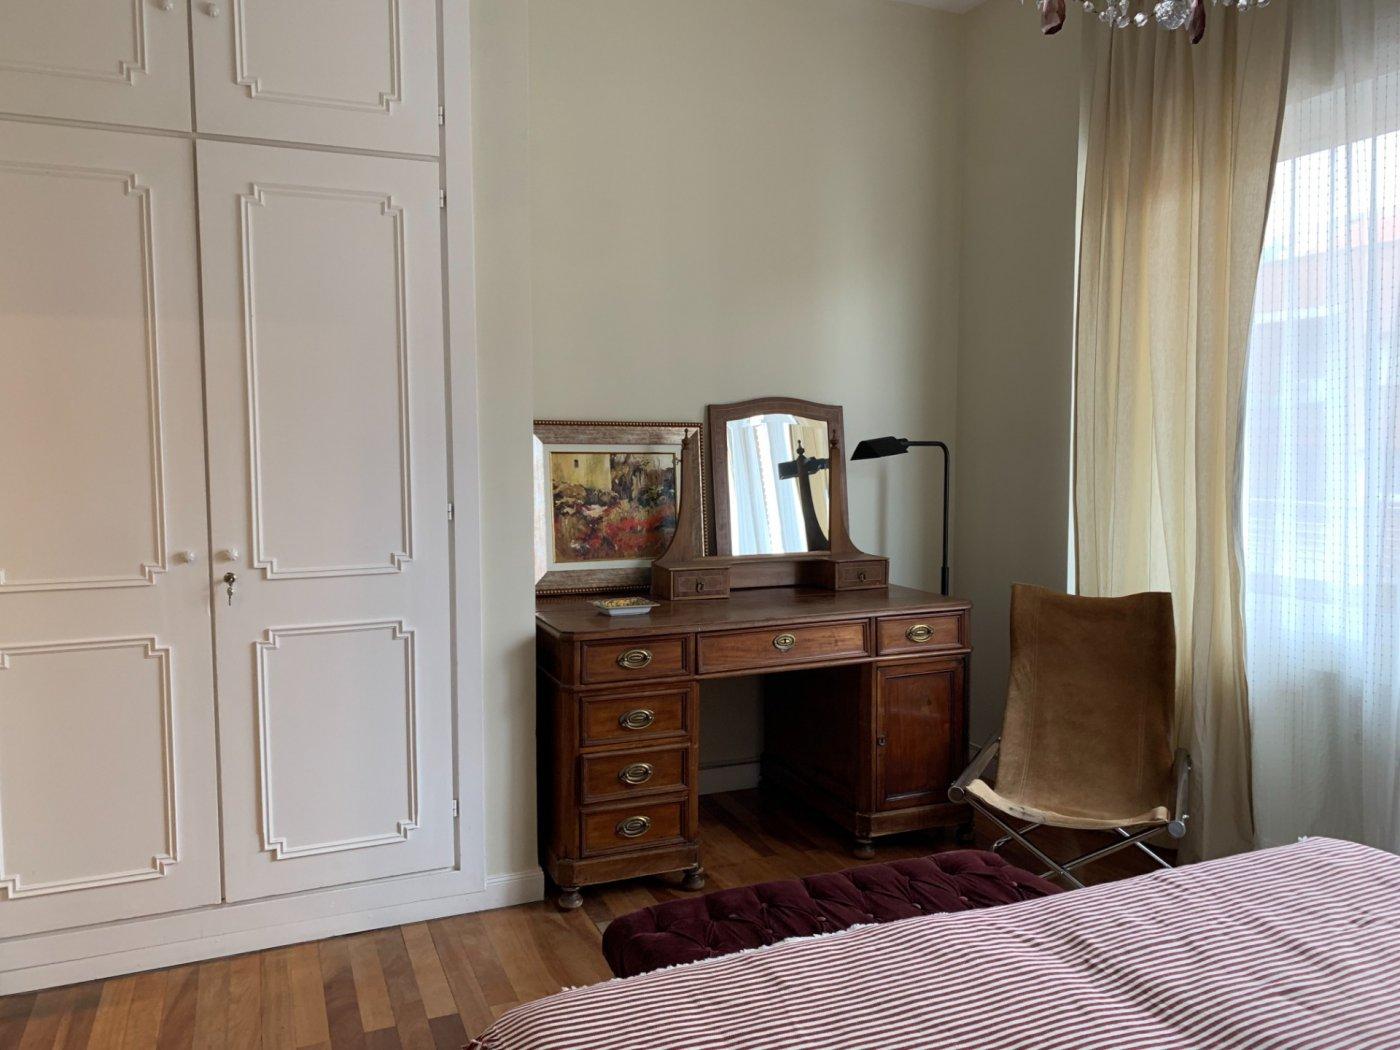 Venta de piso en madrid - imagenInmueble22